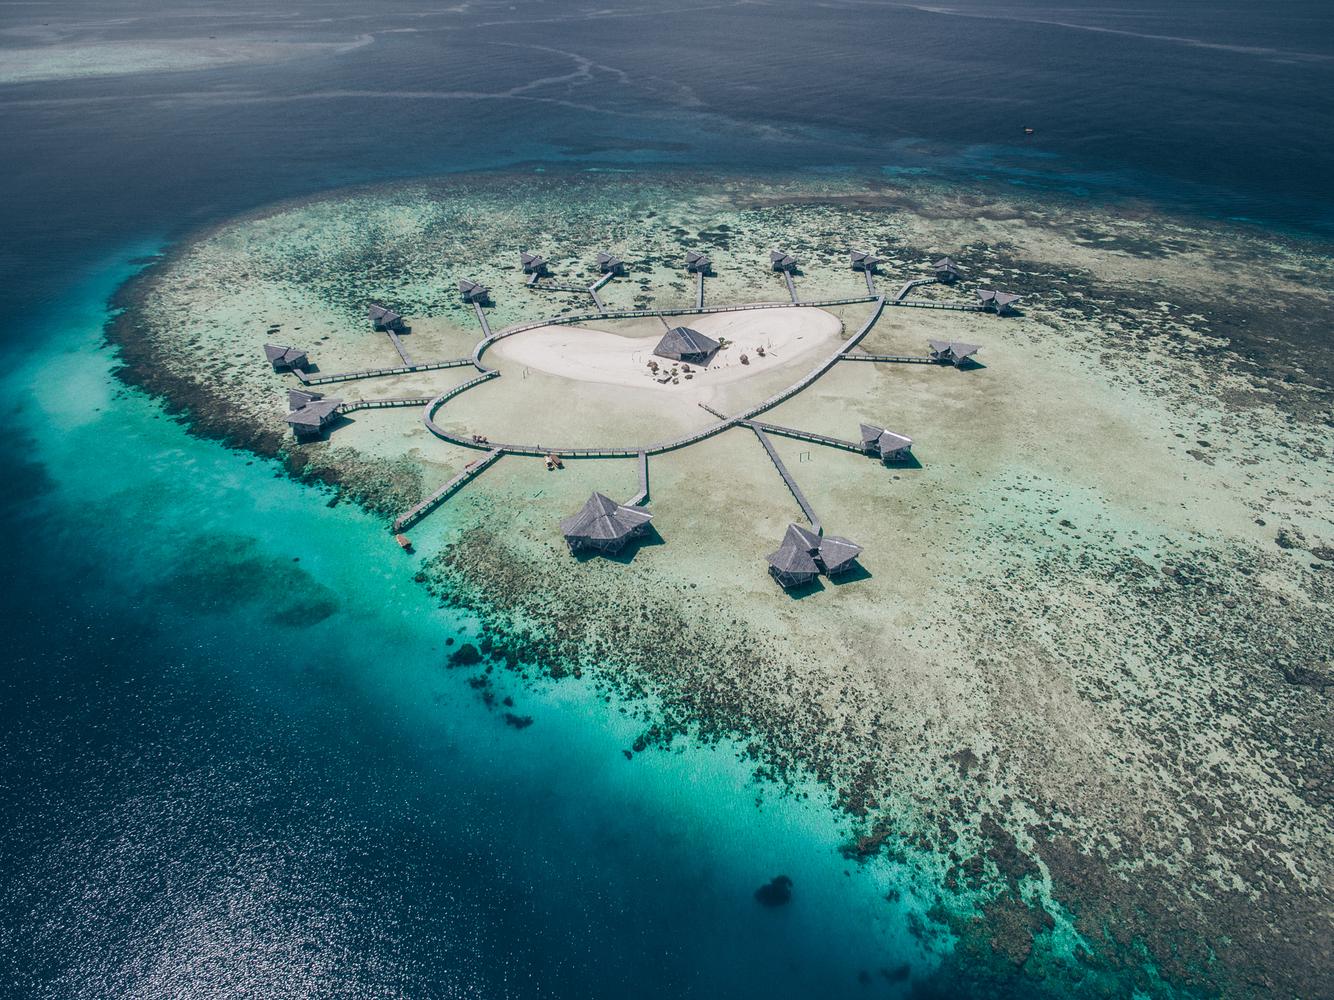 Preset Bộ Lọc Màu Dành Cho Ảnh Chụp Trên Không – Drone Collection Presets (LR)